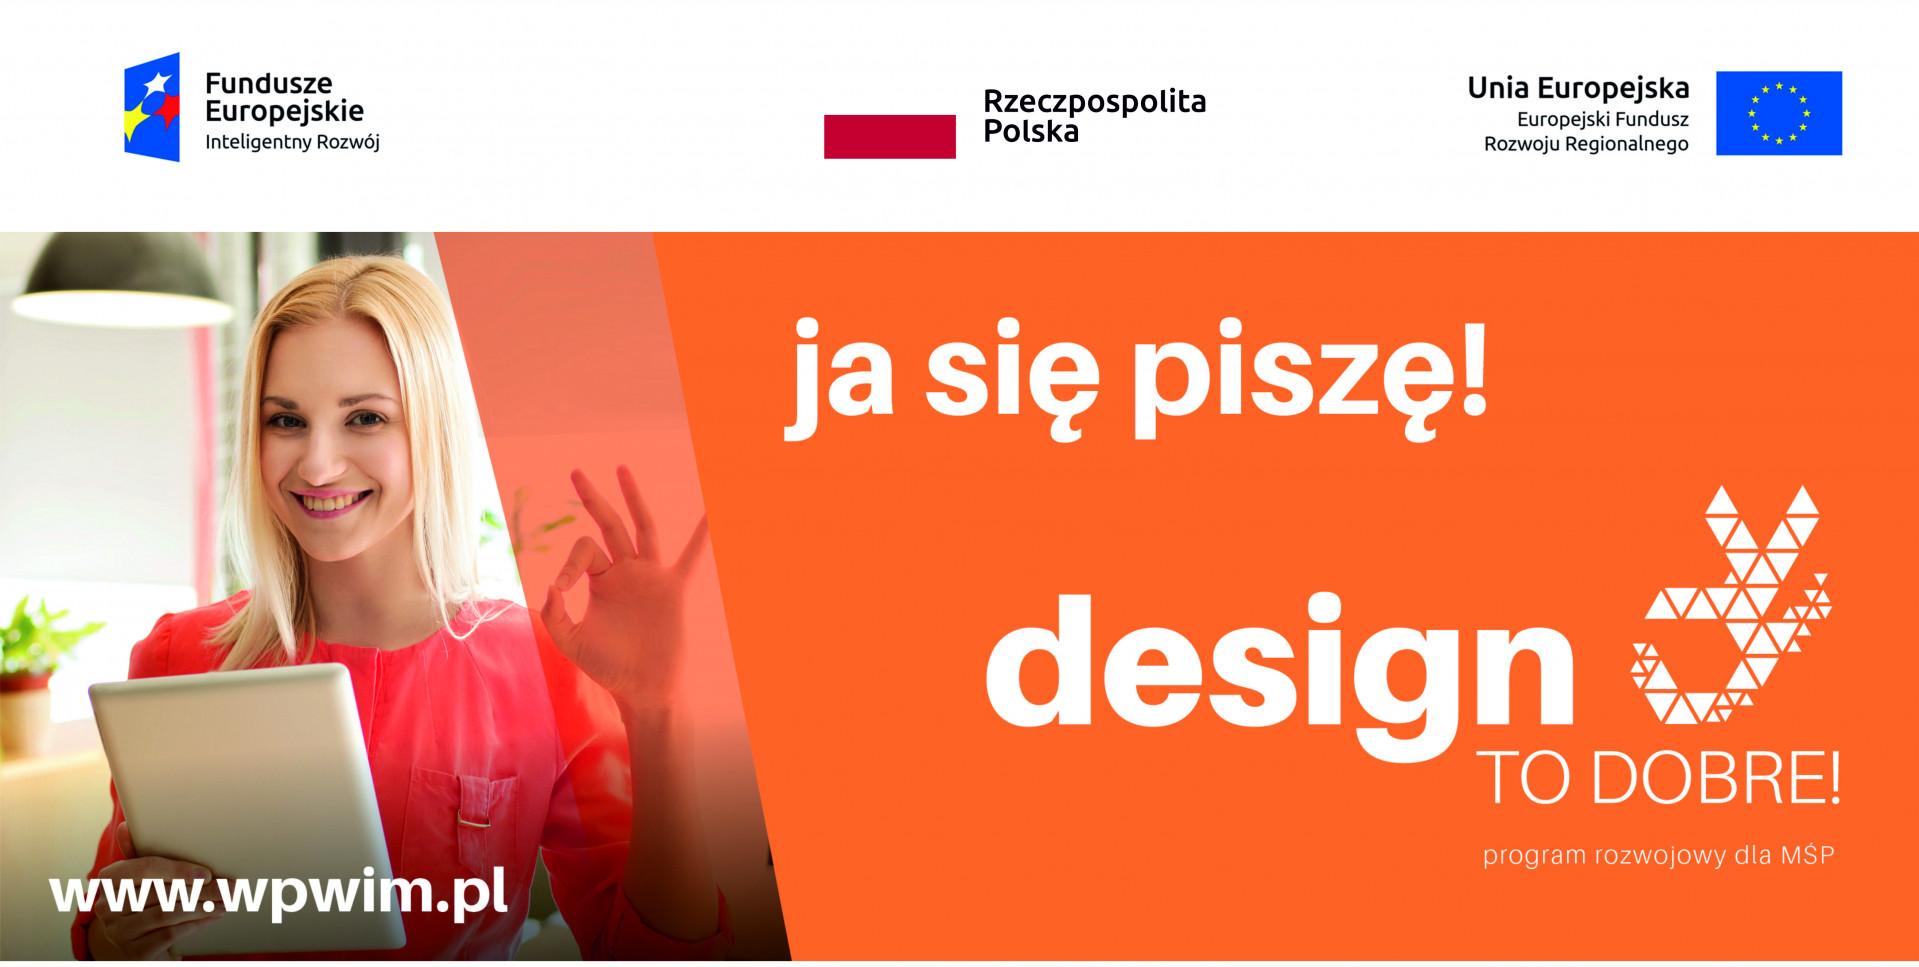 Design to dobre dla MŚP